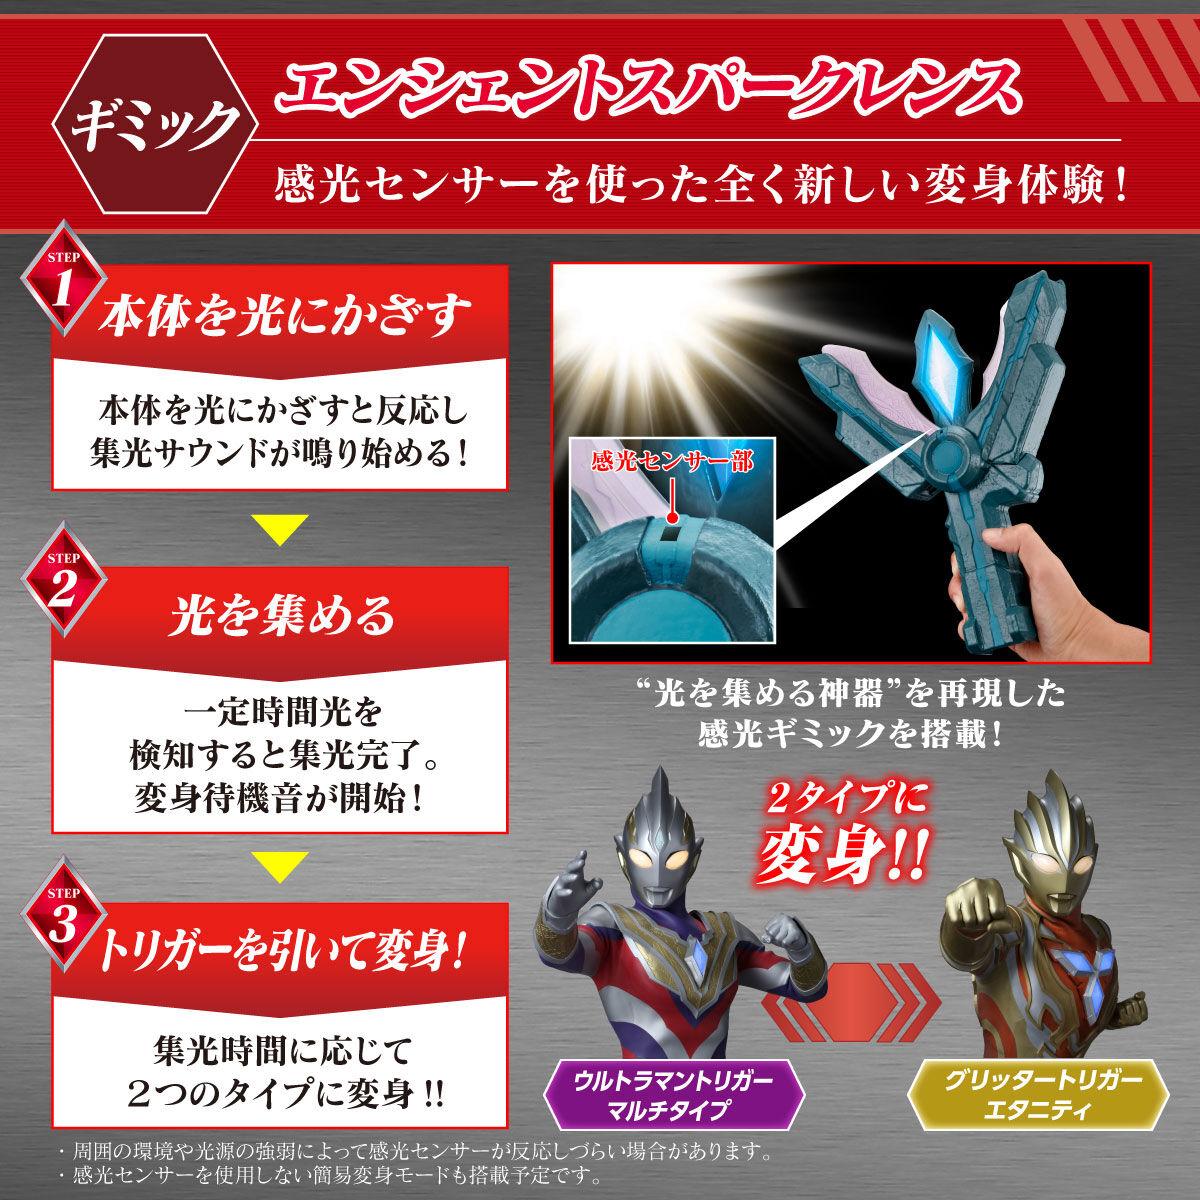 【限定販売】ウルトラマントリガー『DXエンシェントスパークレンス』変身なりきり-004